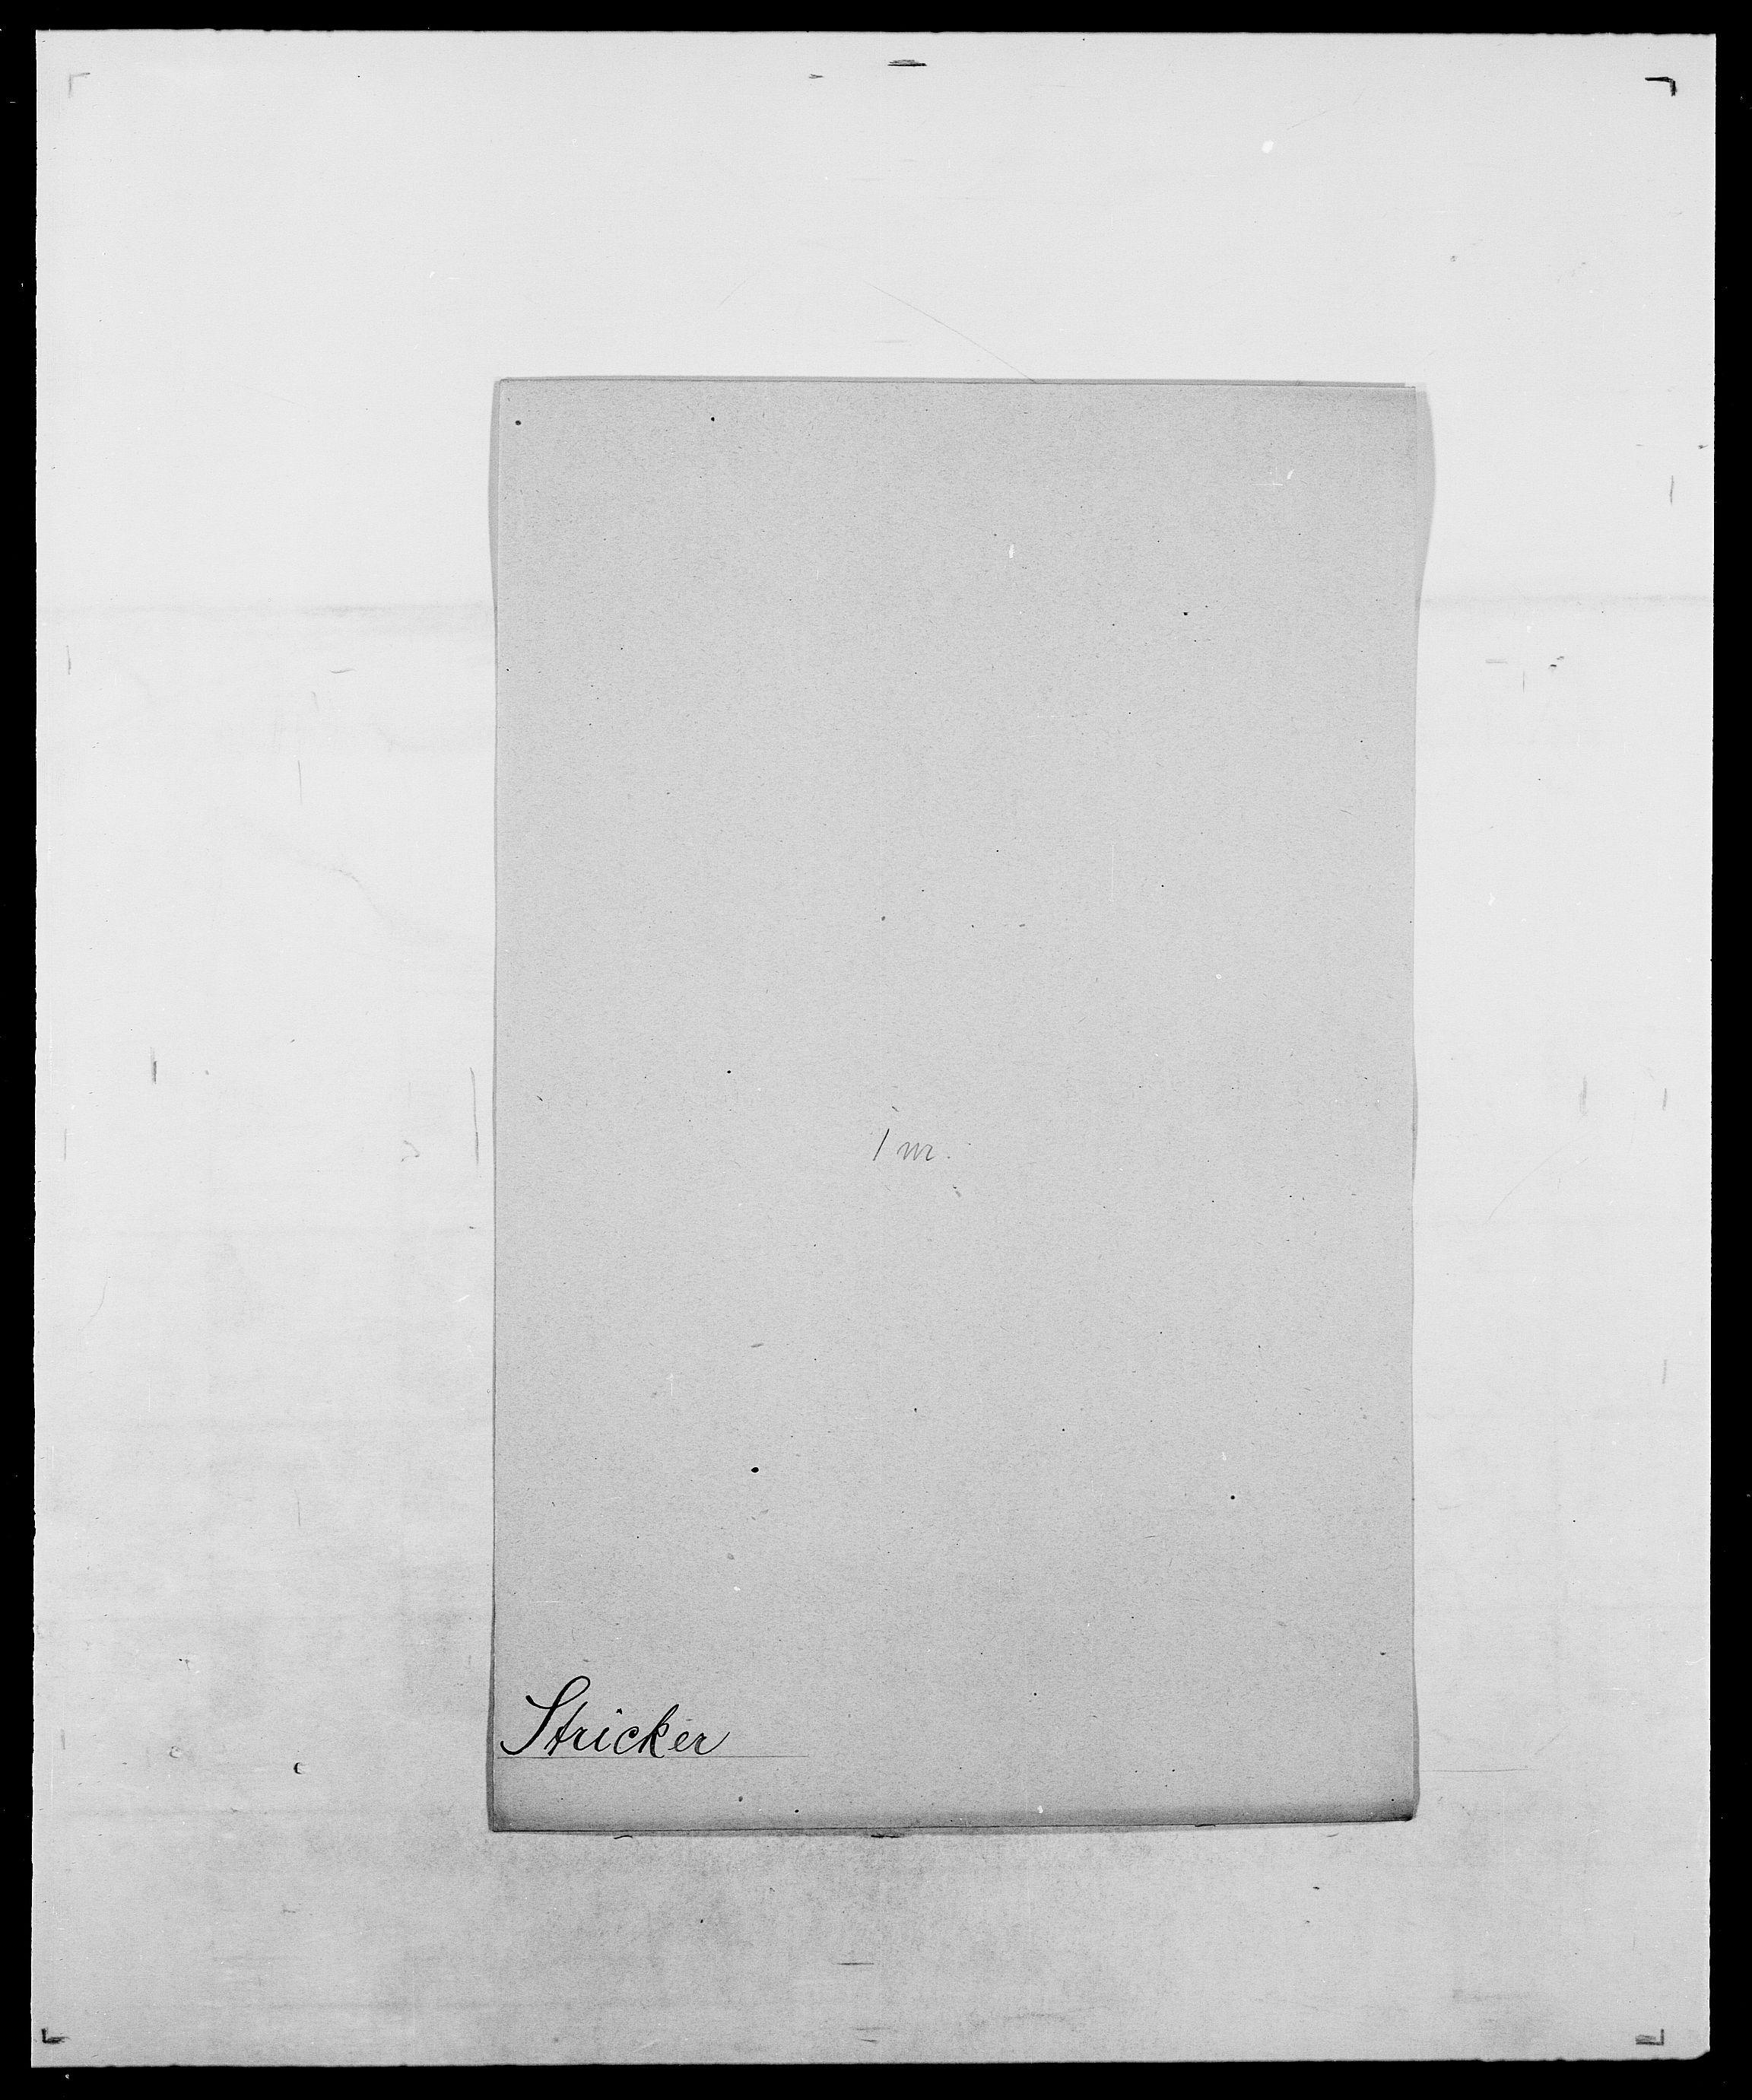 SAO, Delgobe, Charles Antoine - samling, D/Da/L0037: Steen, Sthen, Stein - Svare, Svanige, Svanne, se også Svanning og Schwane, s. 606